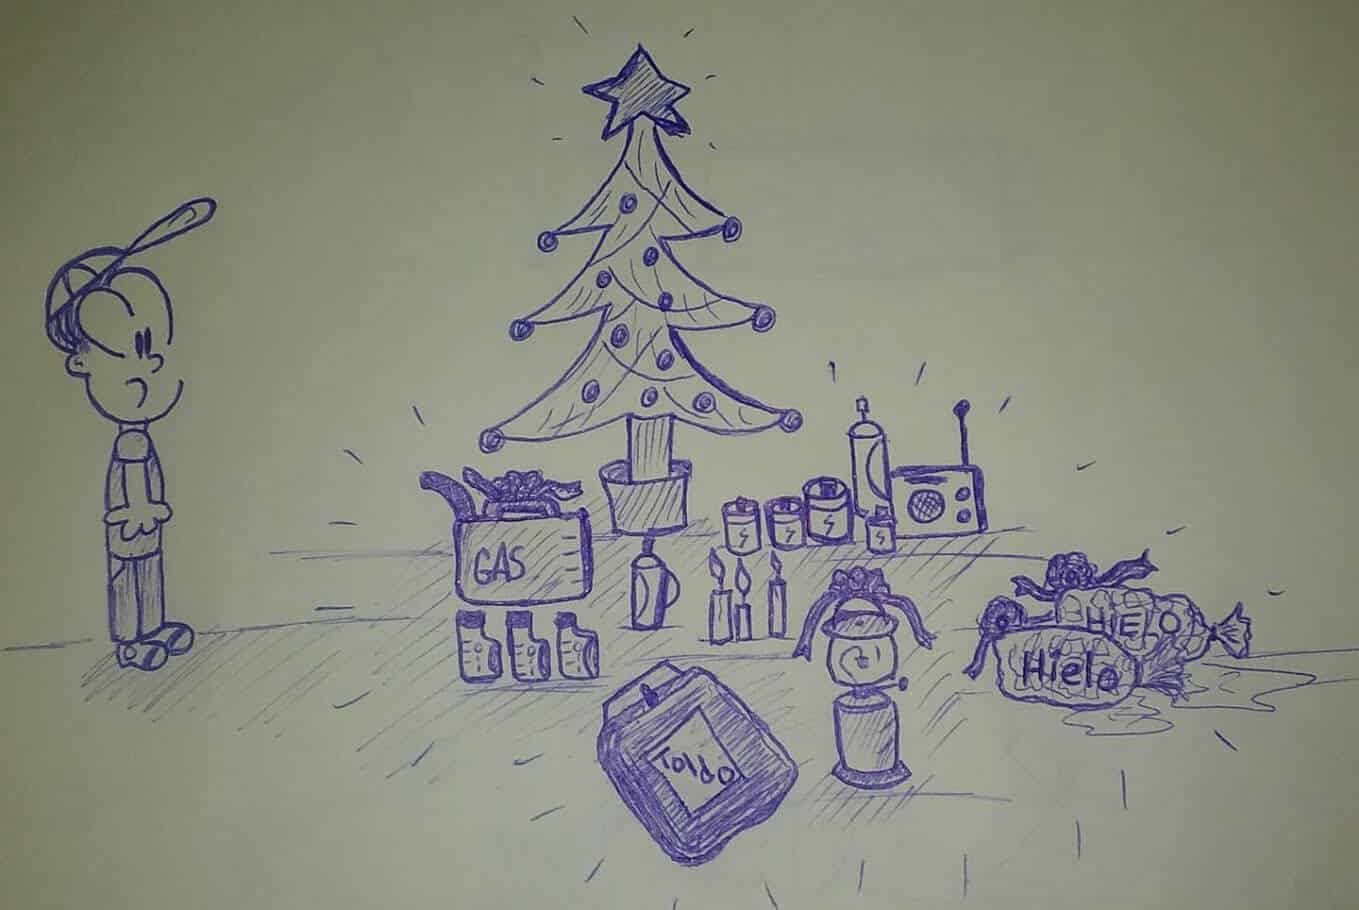 caricatura frente a un árbol de navidad y regalos